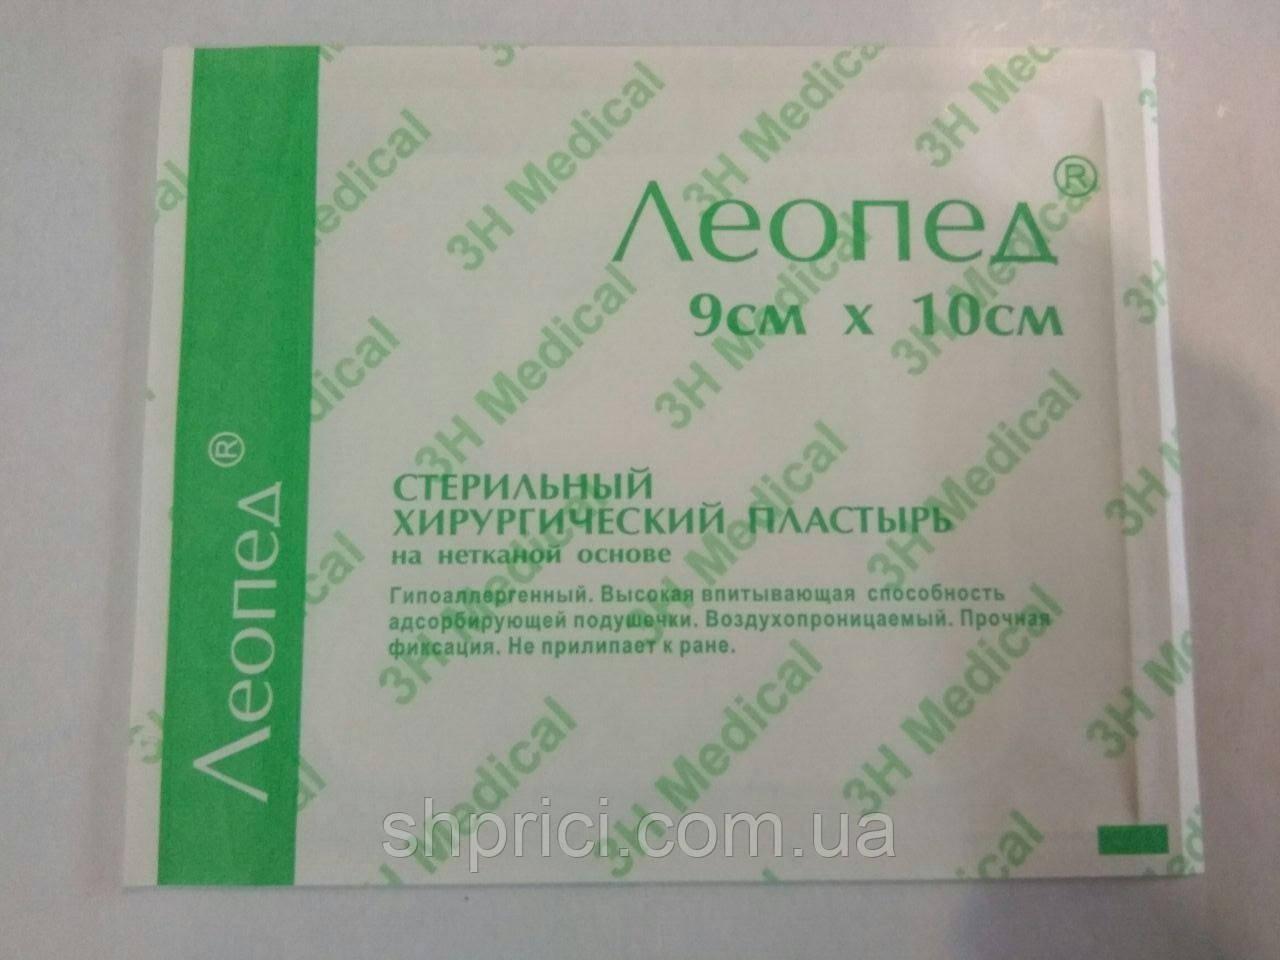 Пластырь Леопед 9 см*10 см хирургический стерильный / Леон-Фарм